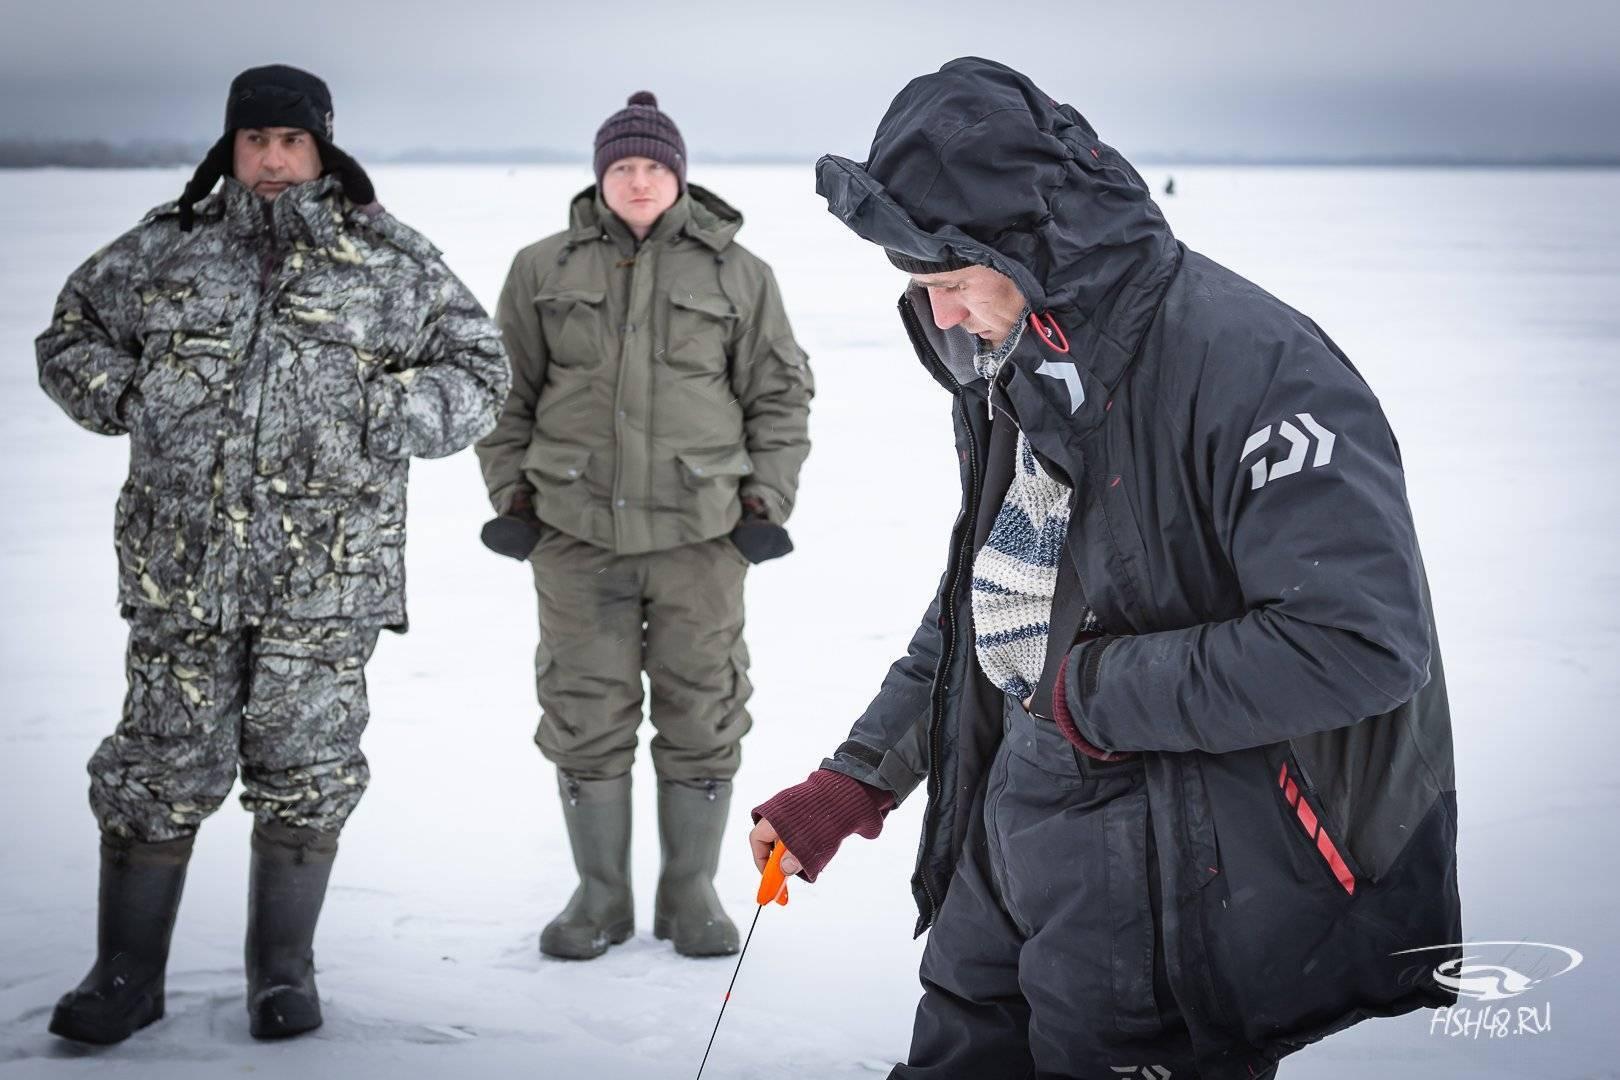 Рыбалка в липецке и липецкой области: на дону и в платном пруду высокополье, крещенка и малинино, другие места